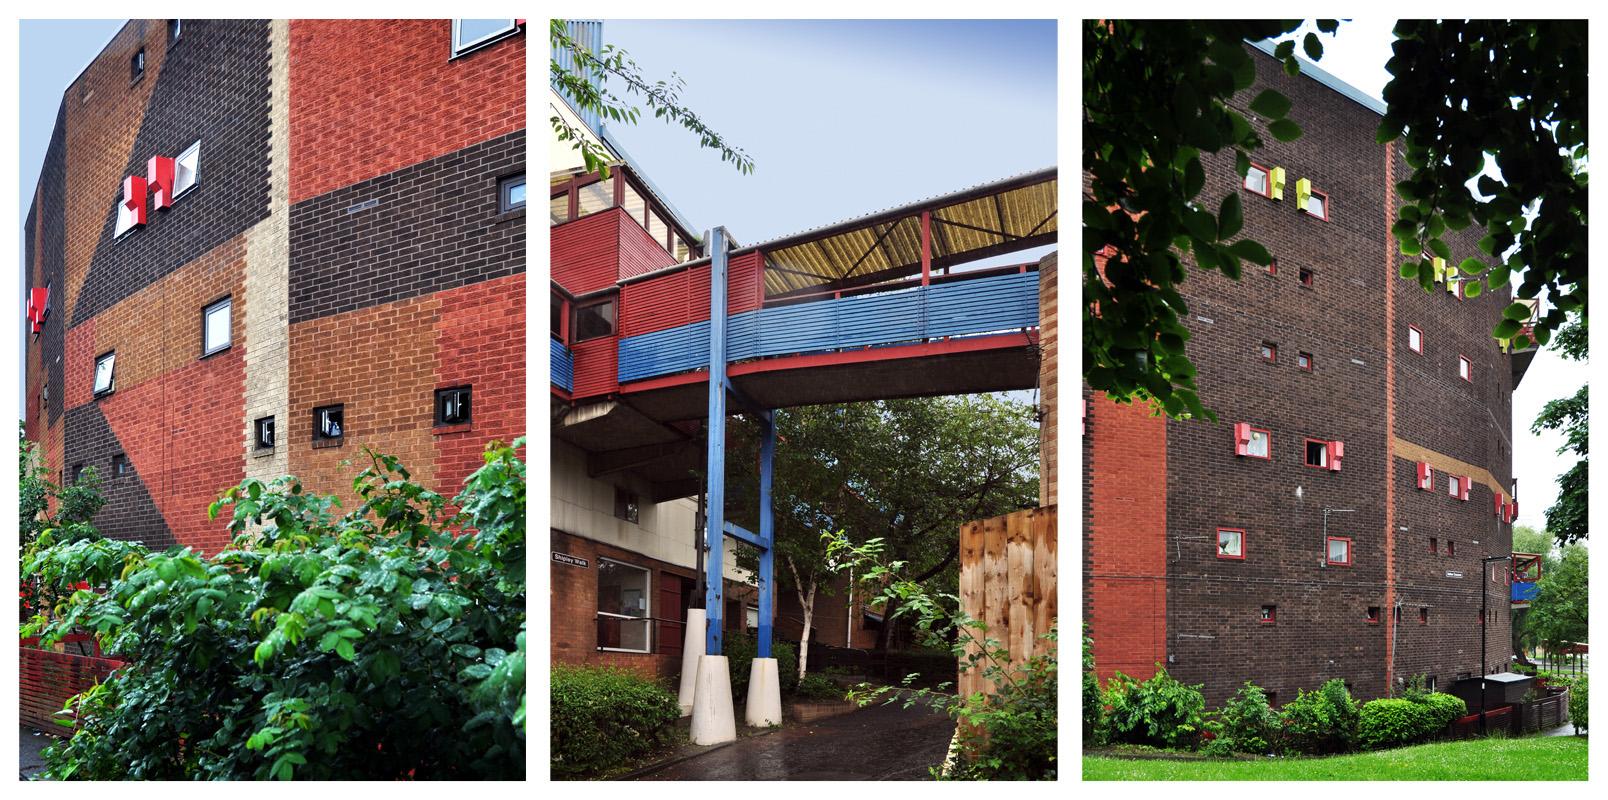 Byker Wall Triptych